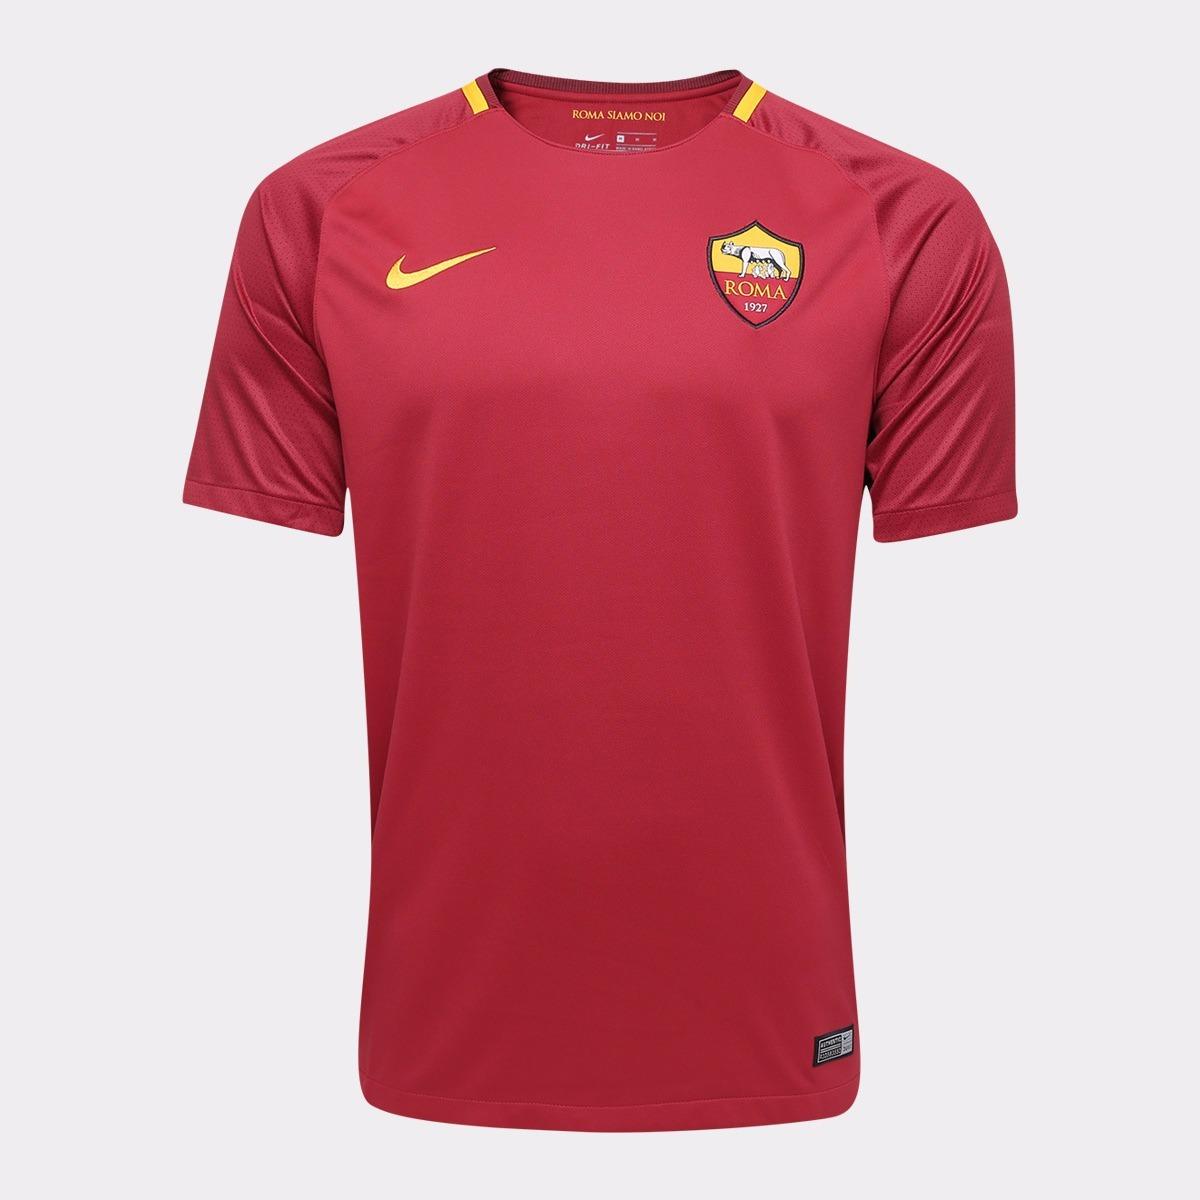 camisa da roma nova lançamento da itália europa europeu time. Carregando  zoom. 6dd508f0fd37b